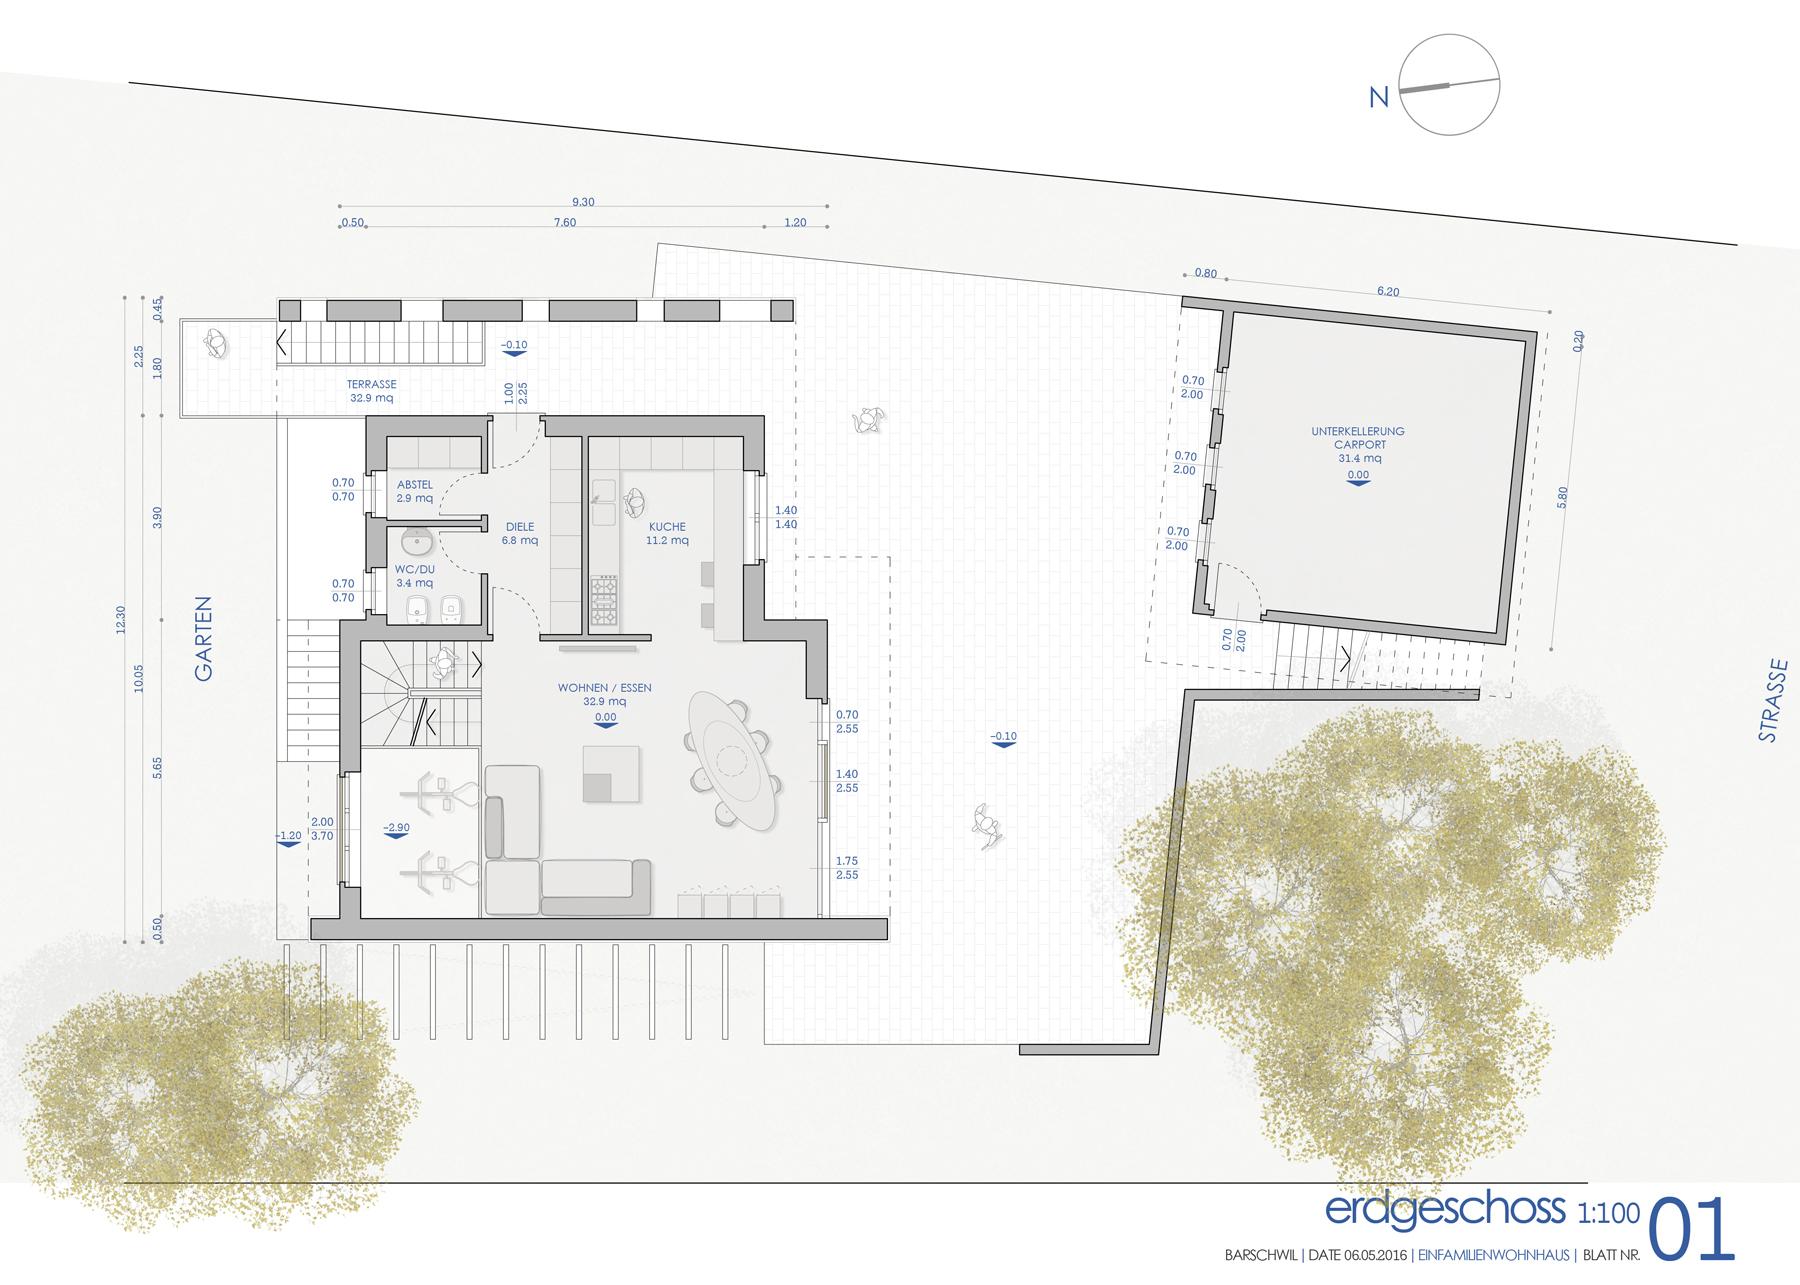 Nuova villa unifamiliare b rschwil ch architettura for Progetto villa moderna nuova costruzione